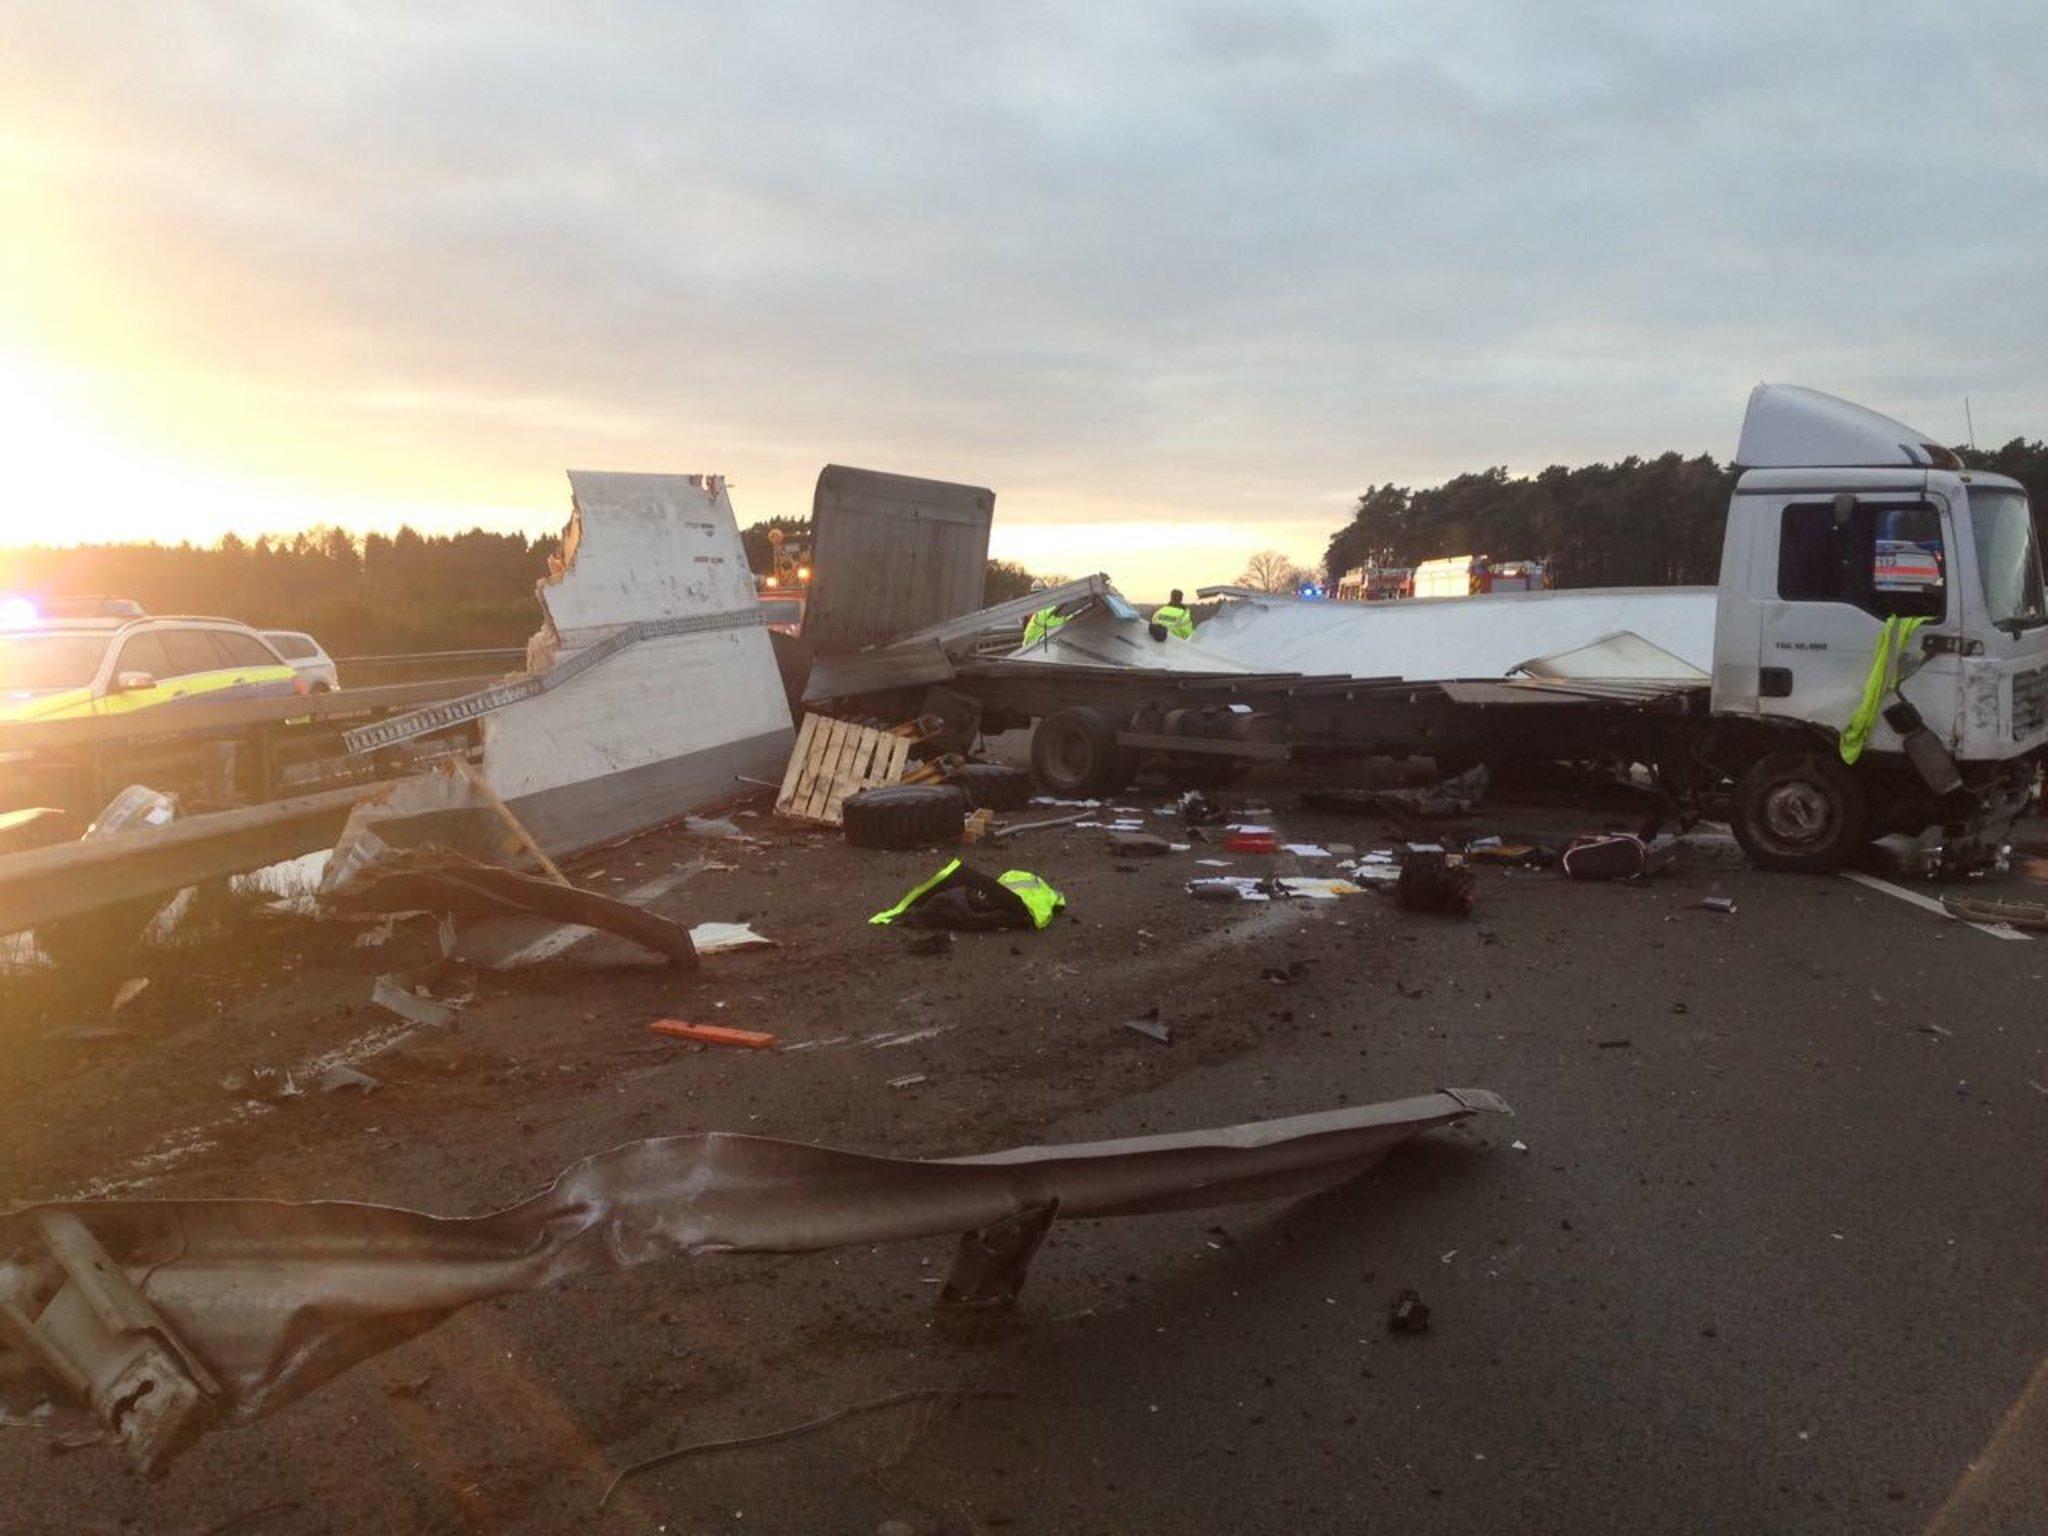 Autobahn Als Schrottplatz Unfall Auf Der A1 Bei Rade Fordert Drei